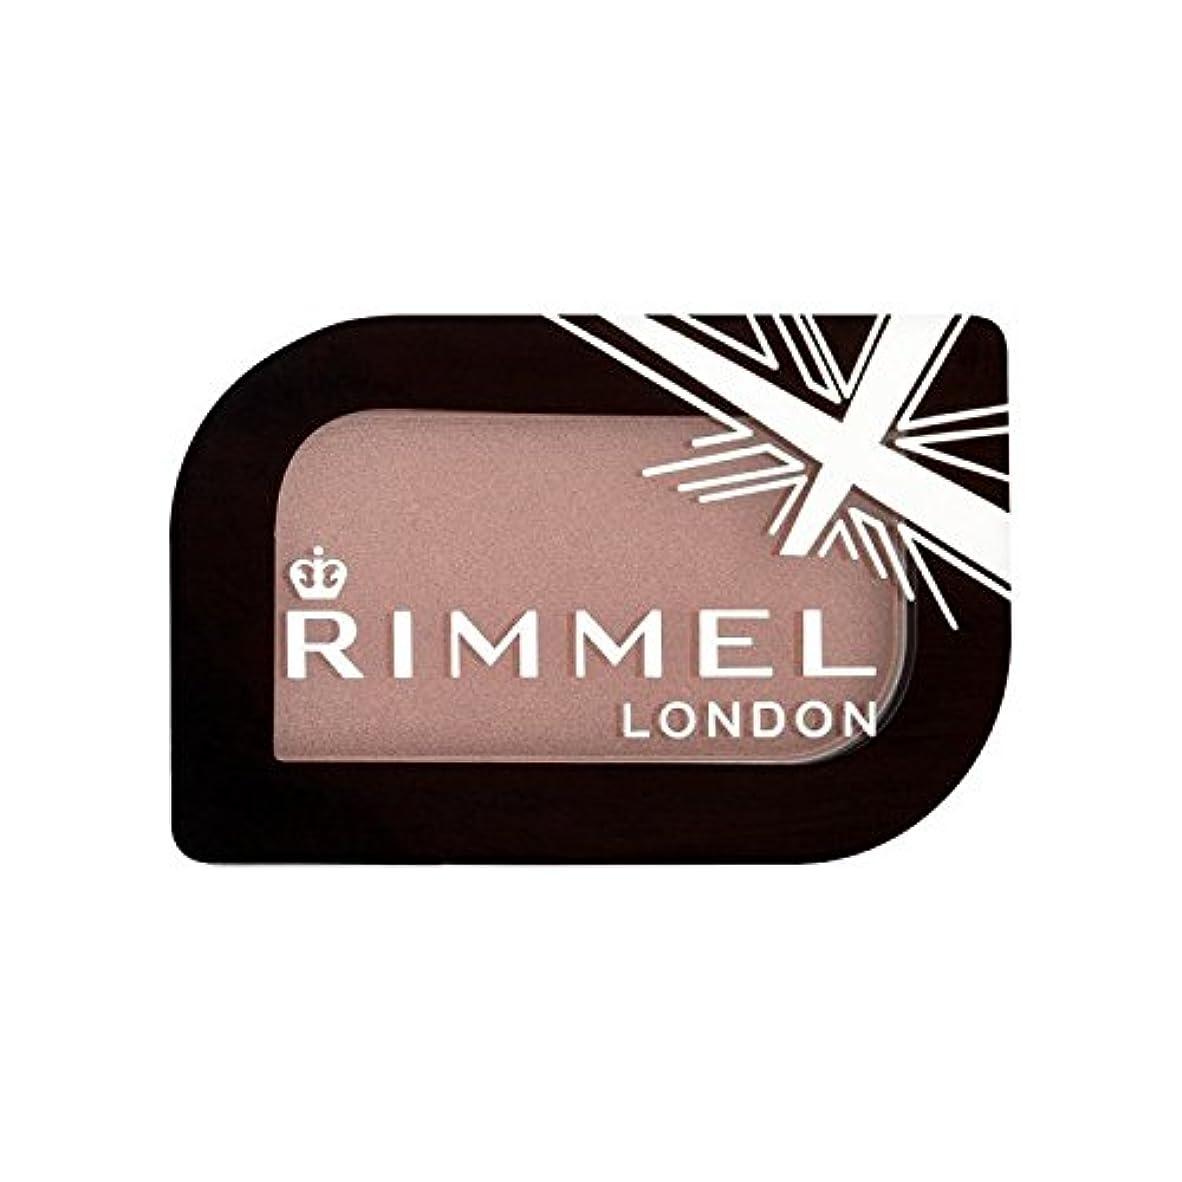 行政インサートスタウトリンメルロンドン'モノアイシャドウの富豪の5.2グラム x2 - Rimmel London Glam'eyes Mono Eyeshadow Millionaire 5.2g (Pack of 2) [並行輸入品]